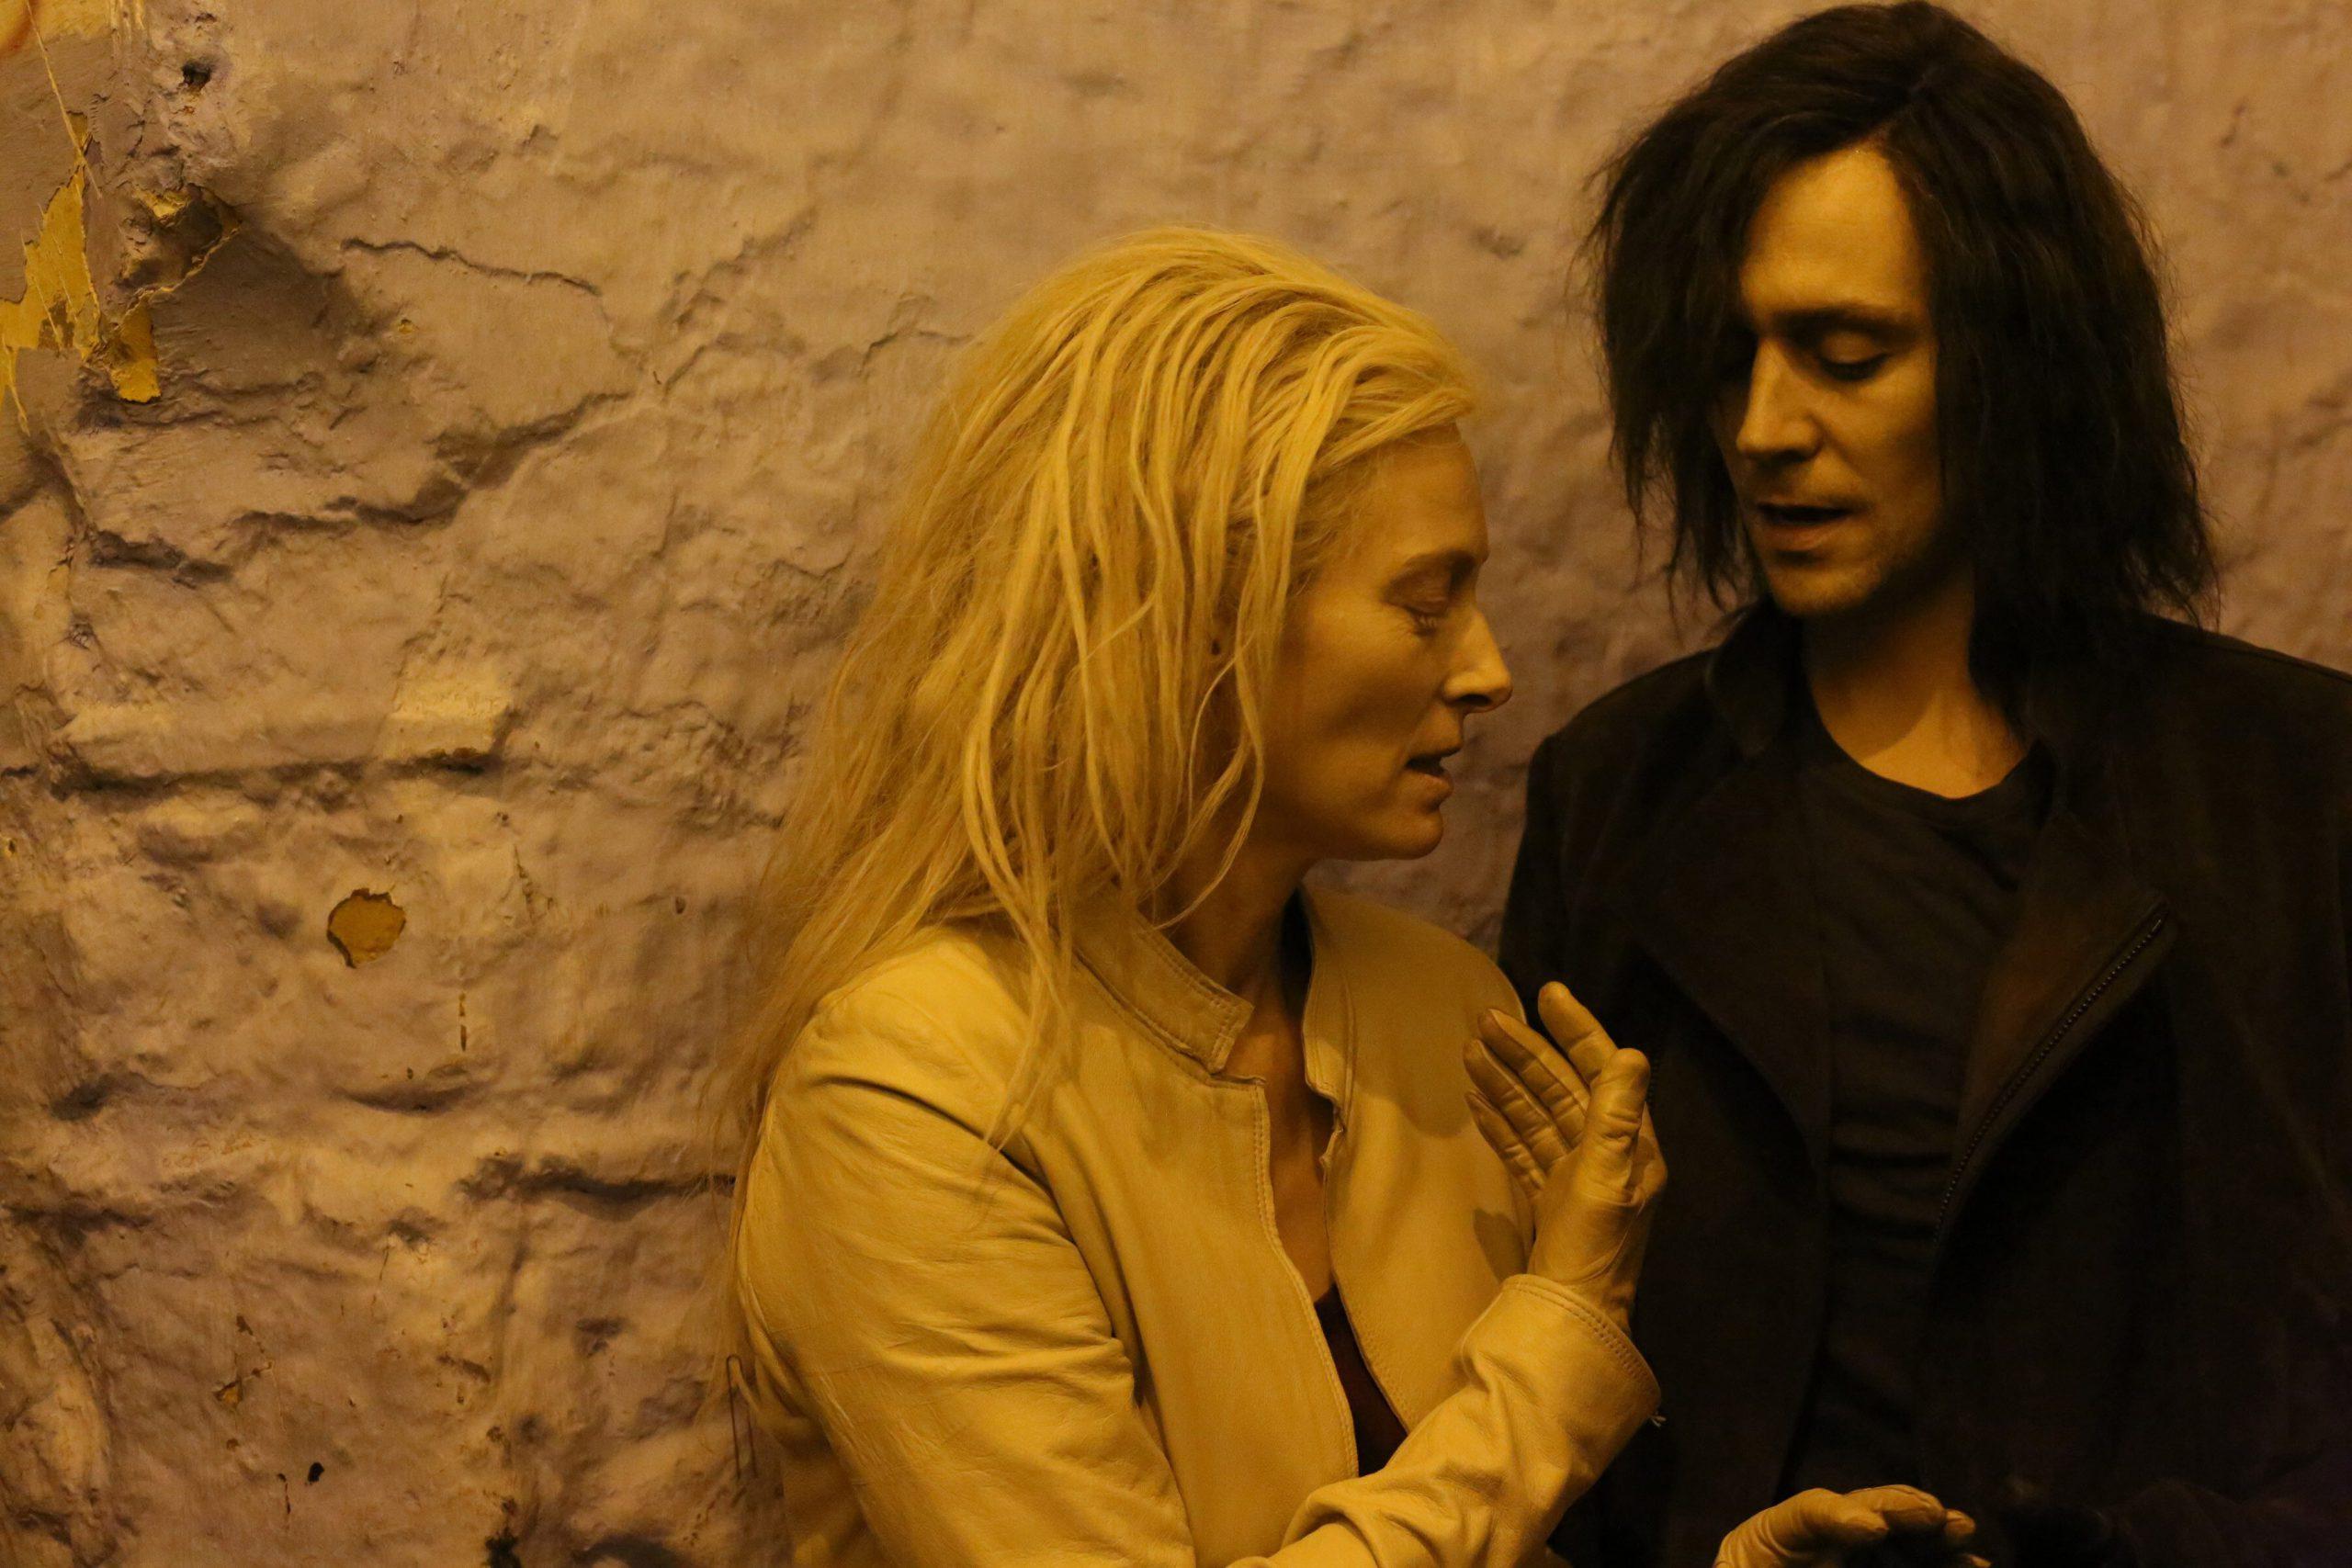 ภาพยนตร์ Only Lovers Left Alive(2013) แวมไพร์อันเดอร์กราวนด์